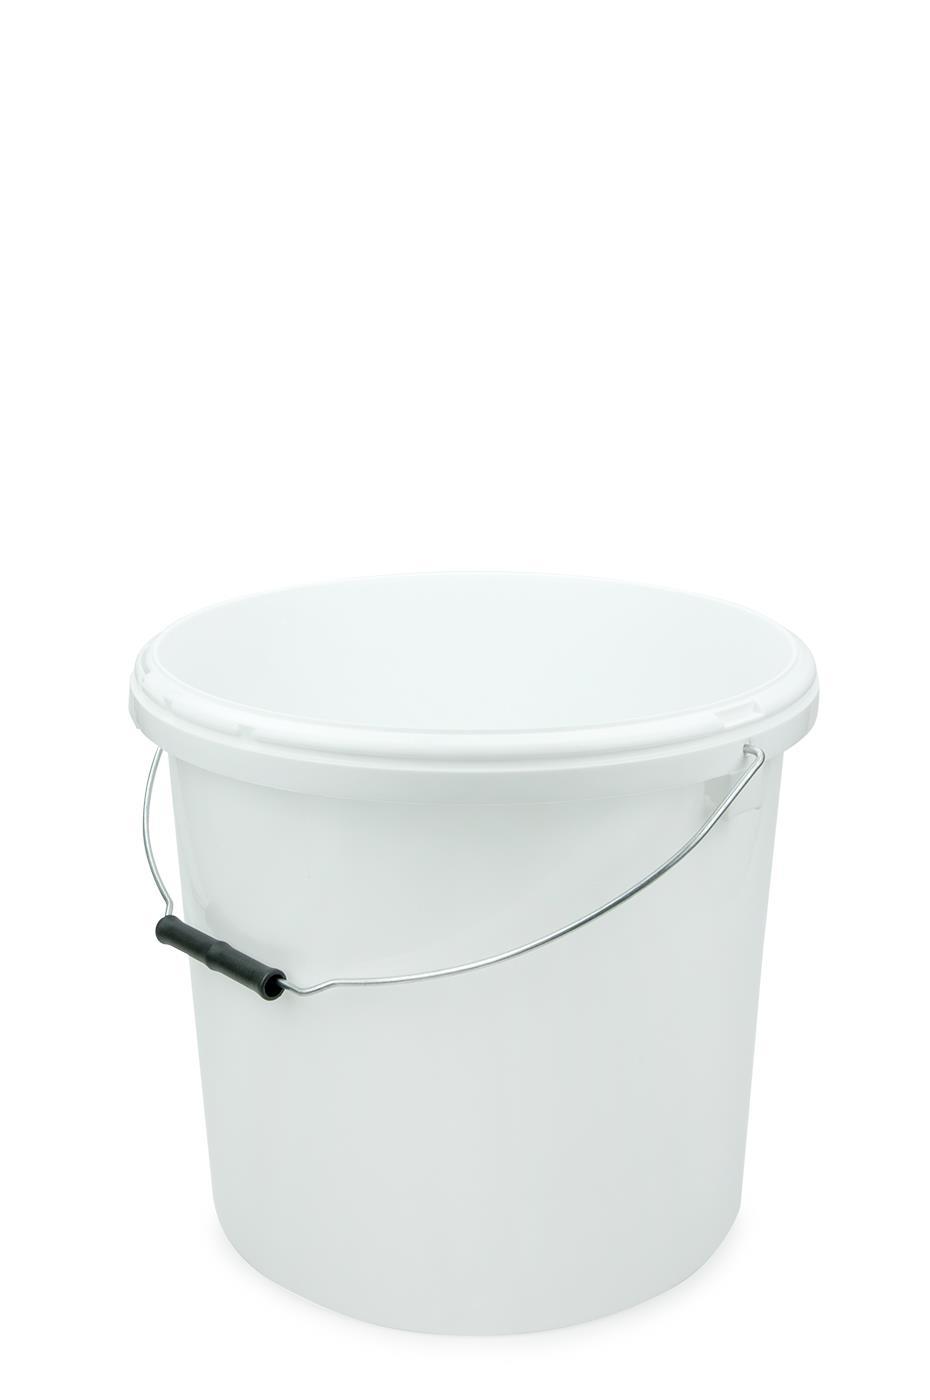 kunststoff eimer 20 liter weiss mit deckel weiss rund. Black Bedroom Furniture Sets. Home Design Ideas